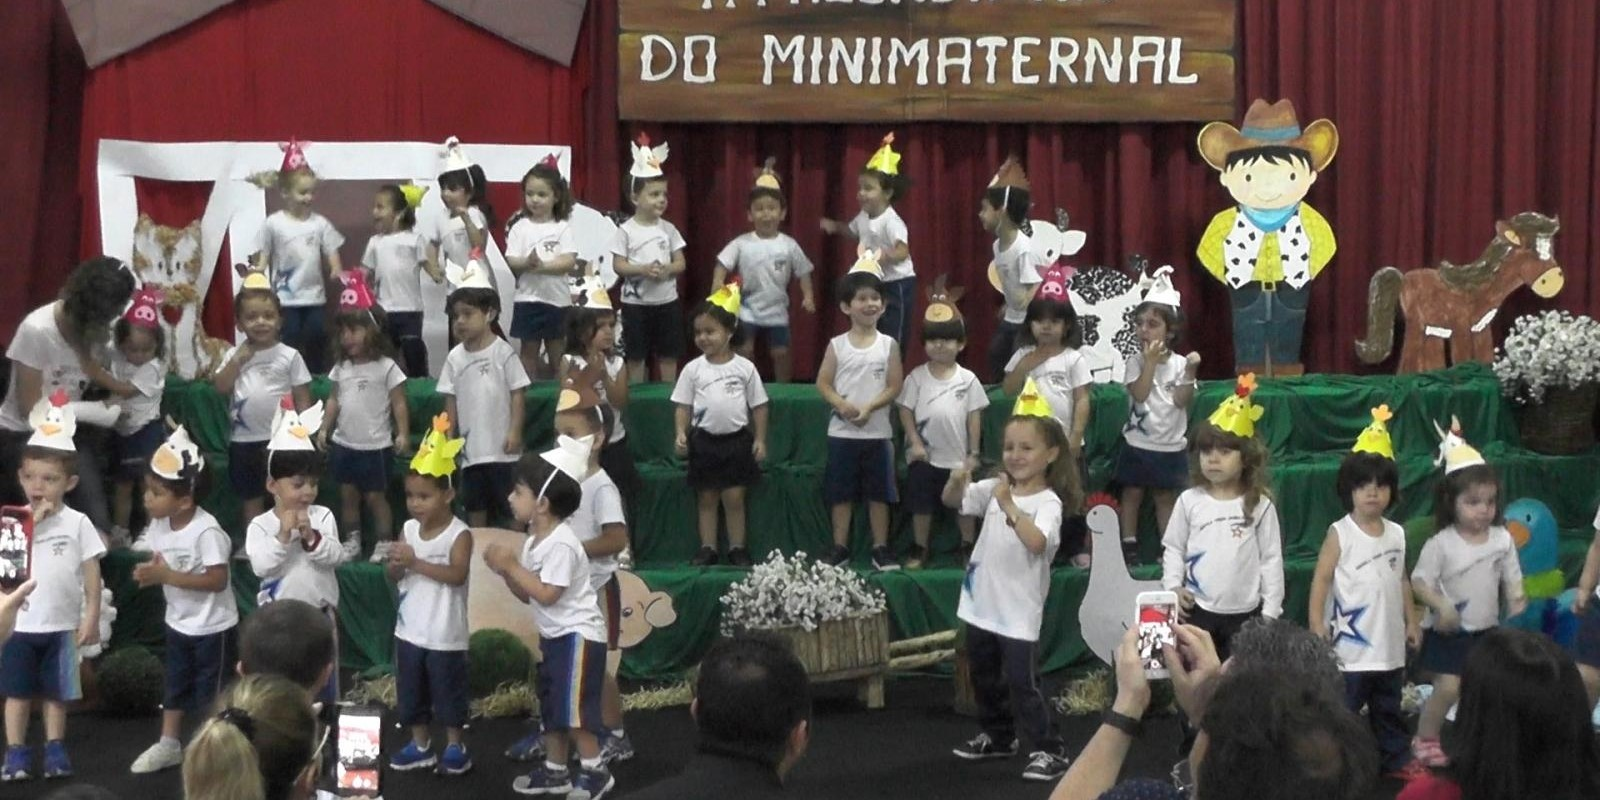 Minimaternal da Escola Professor Jairo Grossi encerra ano letivo com projeto lúdico